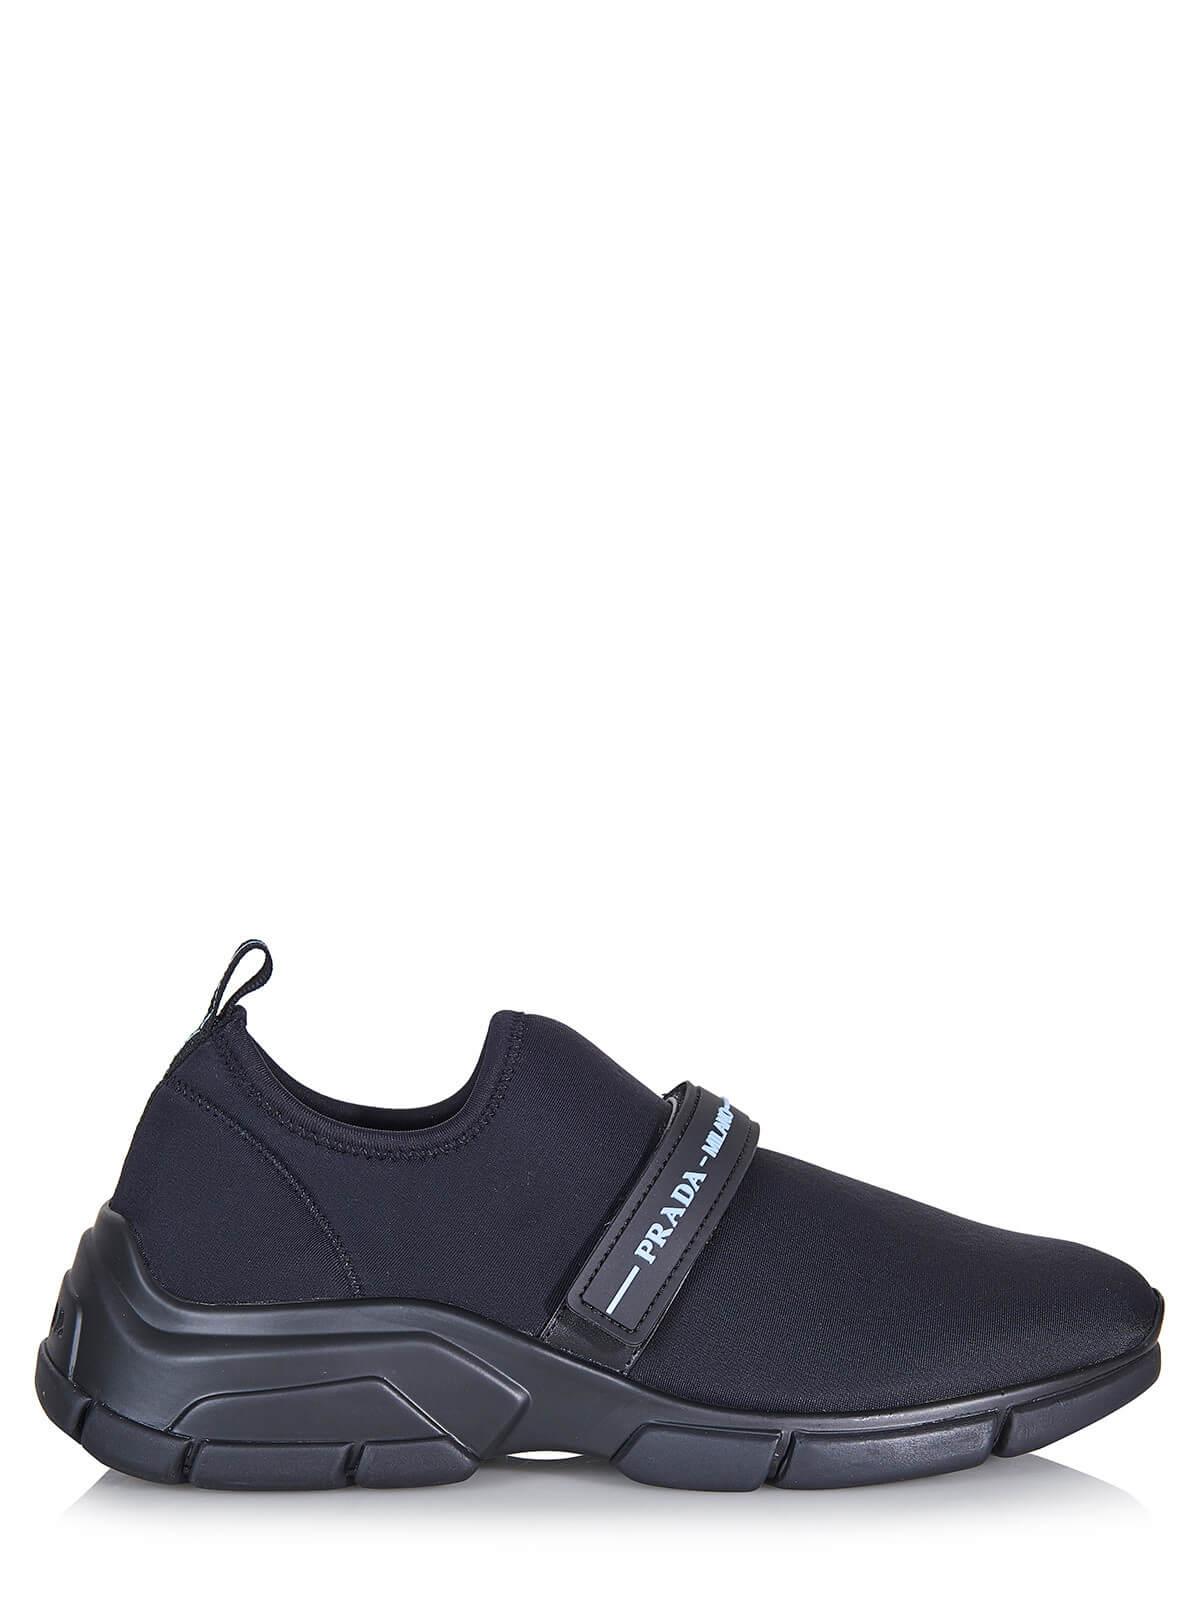 Prada Sneaker 1 S016 L 30 K by Prada